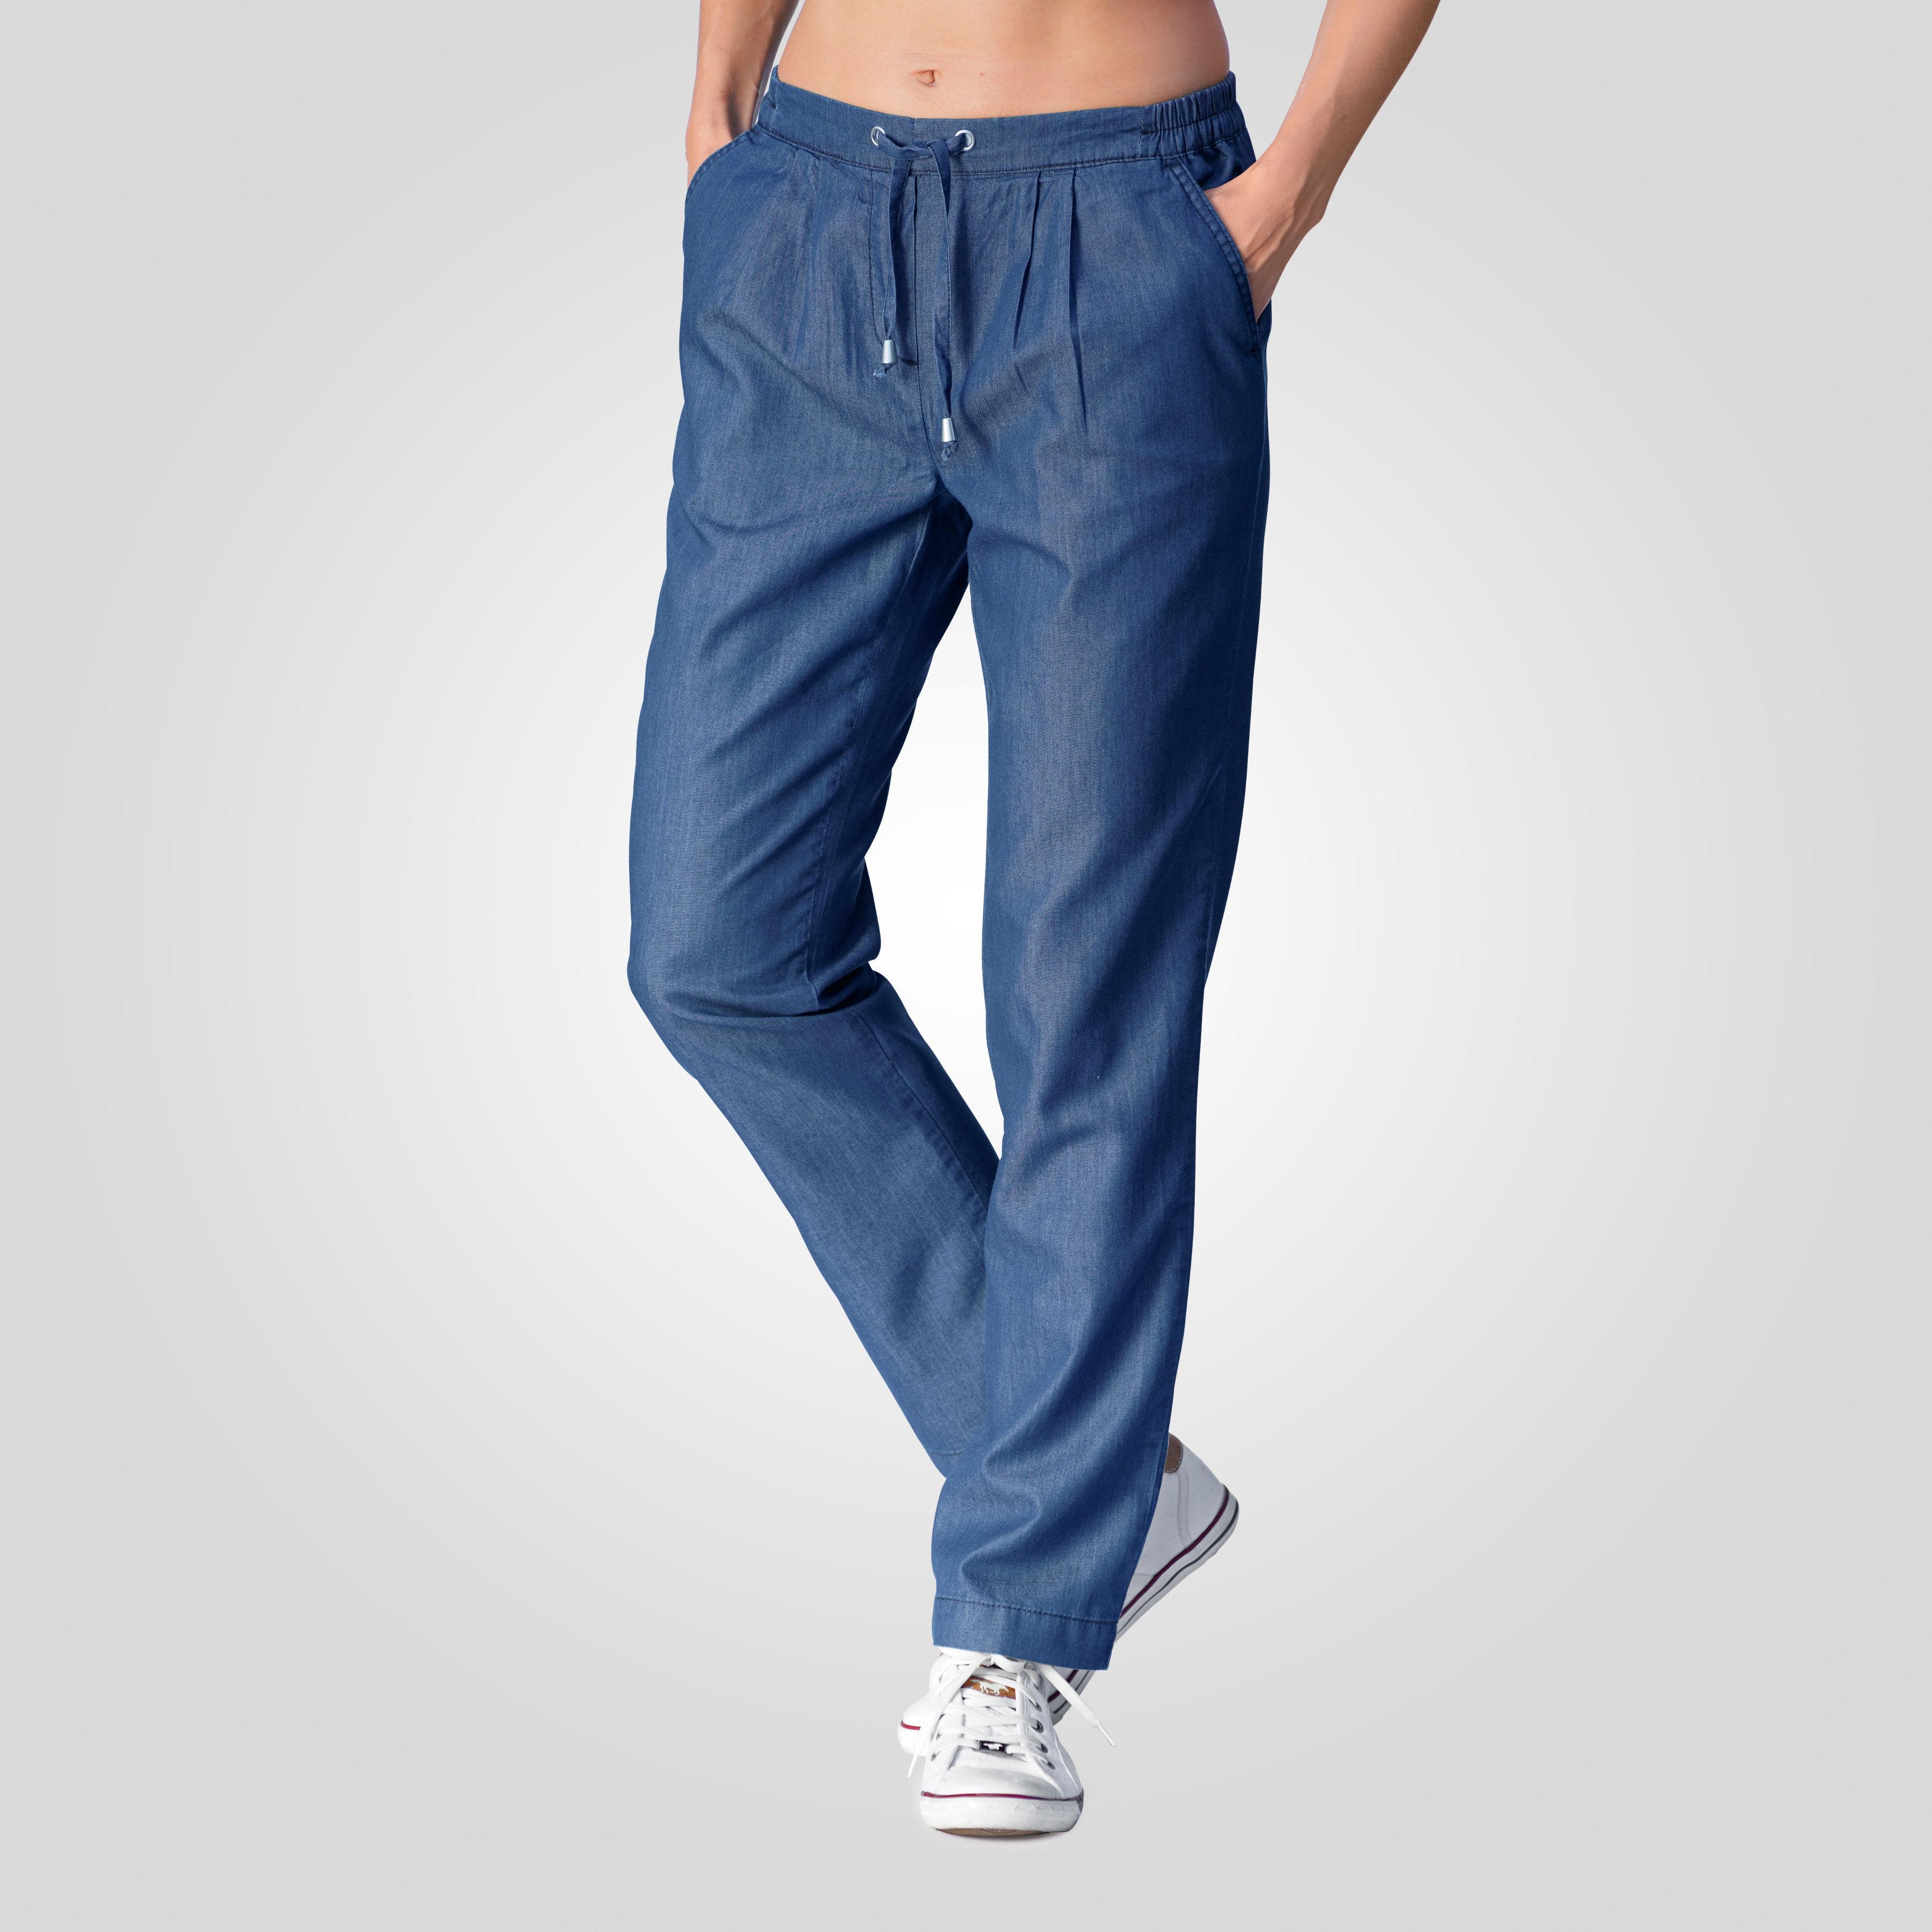 0fd392867d Leichte Damen Sommerhose aus Tencel günstig bestellen ⋆ Lehner Versand